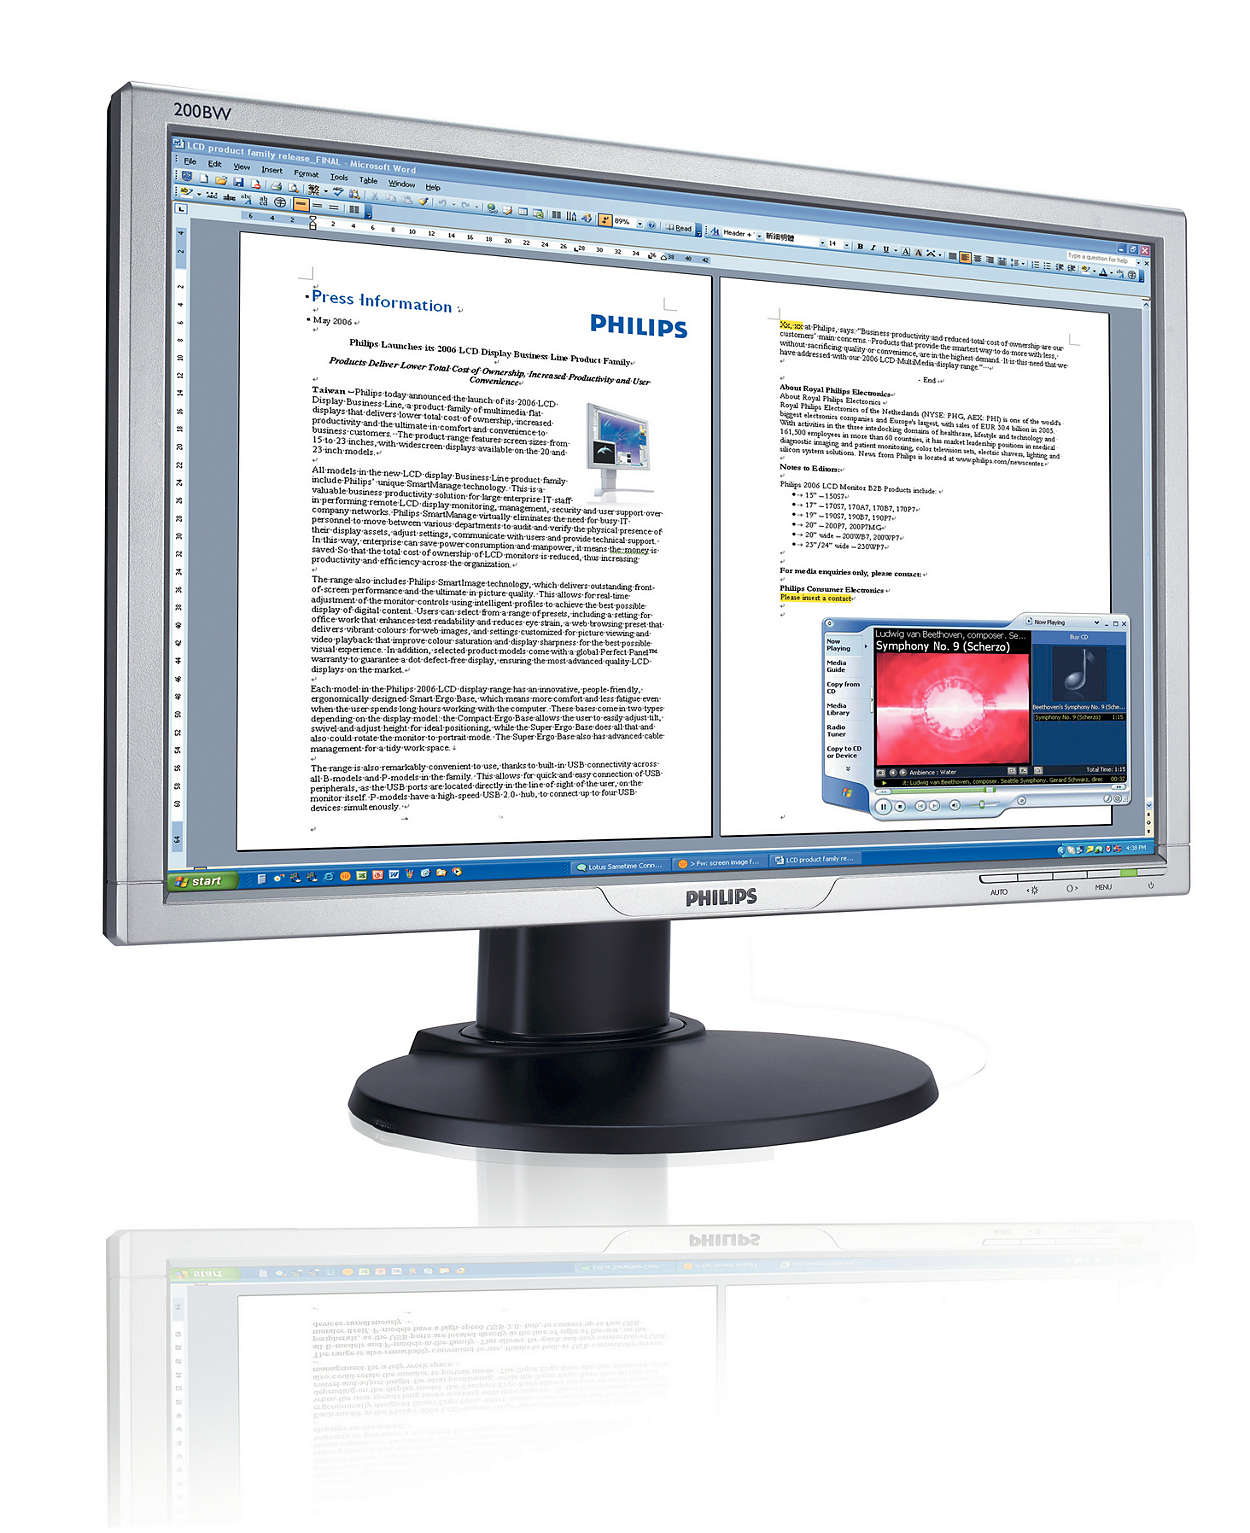 Większy, szerszy ekran pozwoli zwiększyć efektywność pracowników